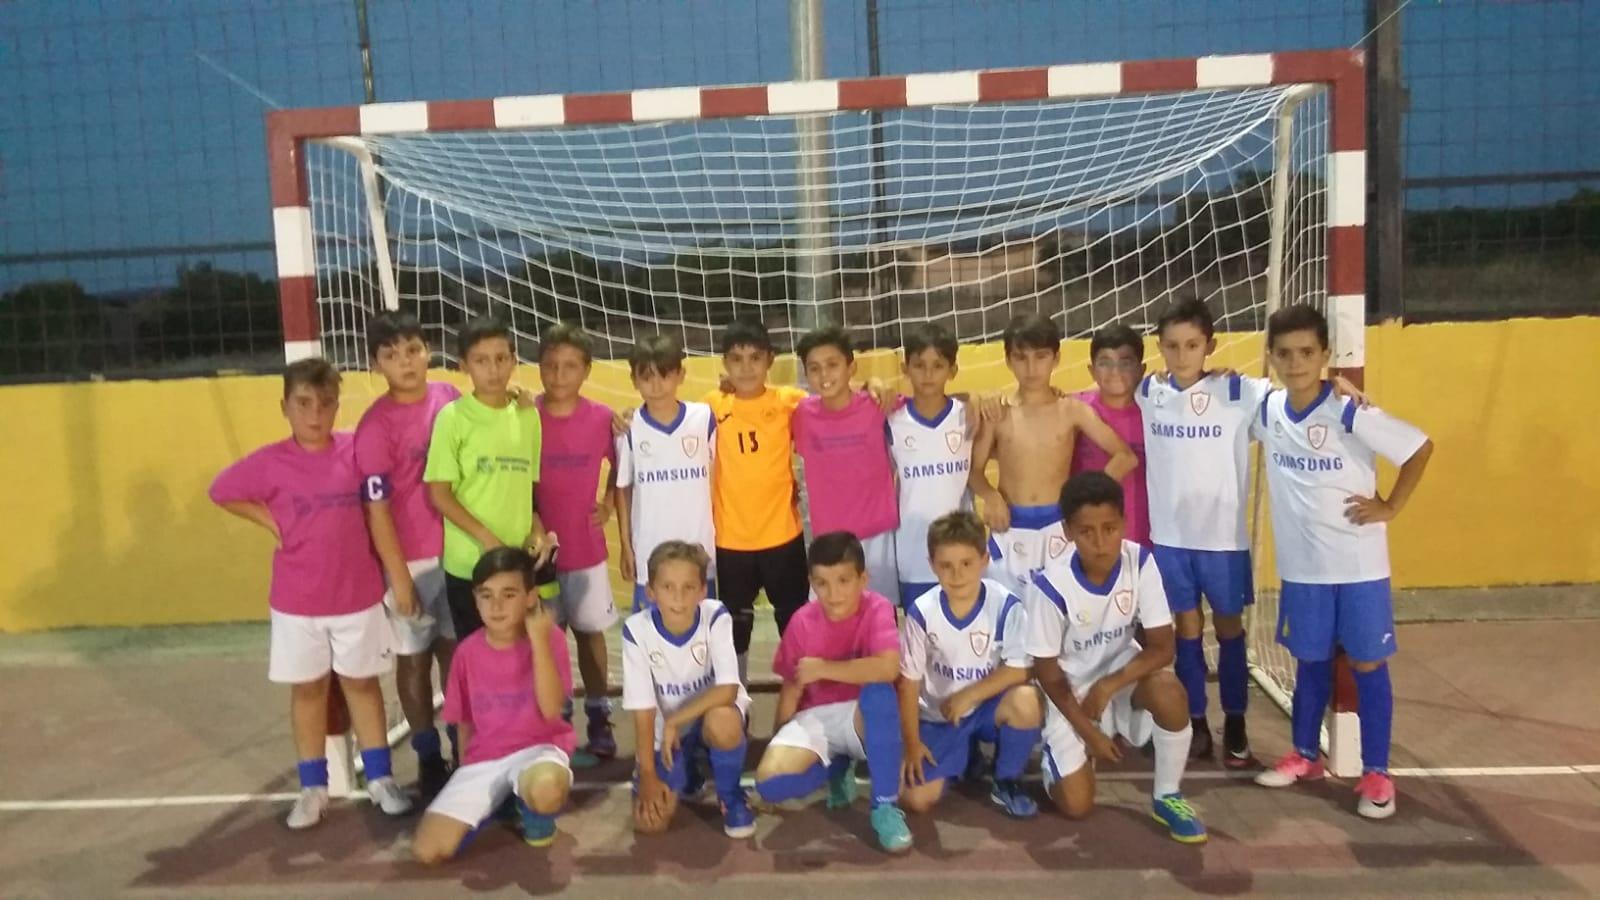 El Sporting C.F. Jaraíz logra un doblete quedando campeón de las 24 horas de Losar y Saucedilla (7)